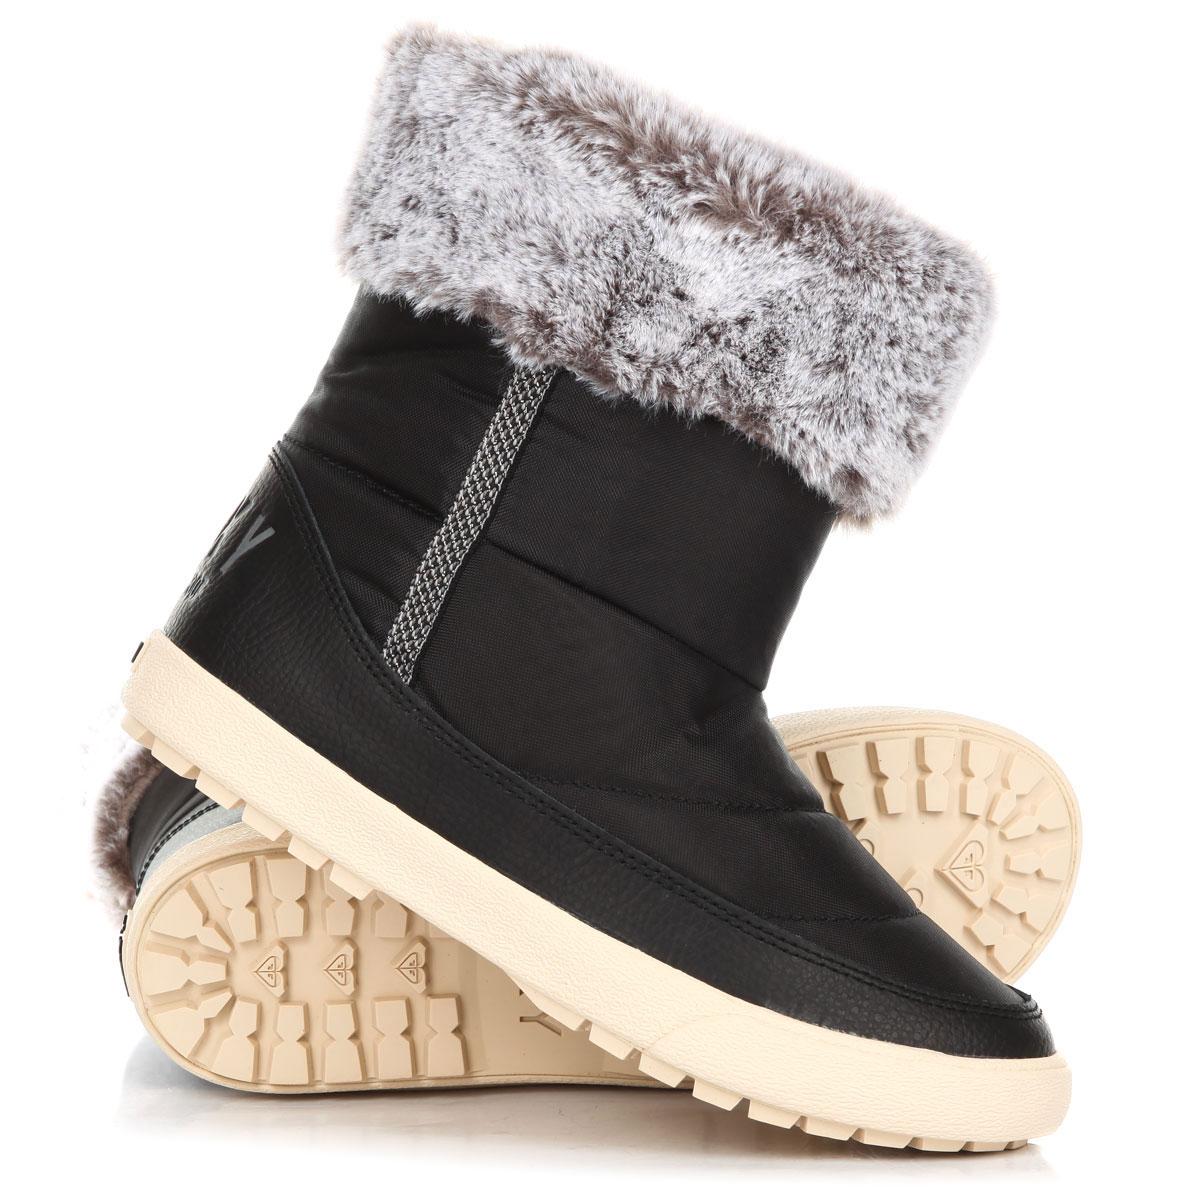 aa469f8ac301 Купить сапоги зимние женские Roxy Juneau Black (ARJB700584-BLK) в ...